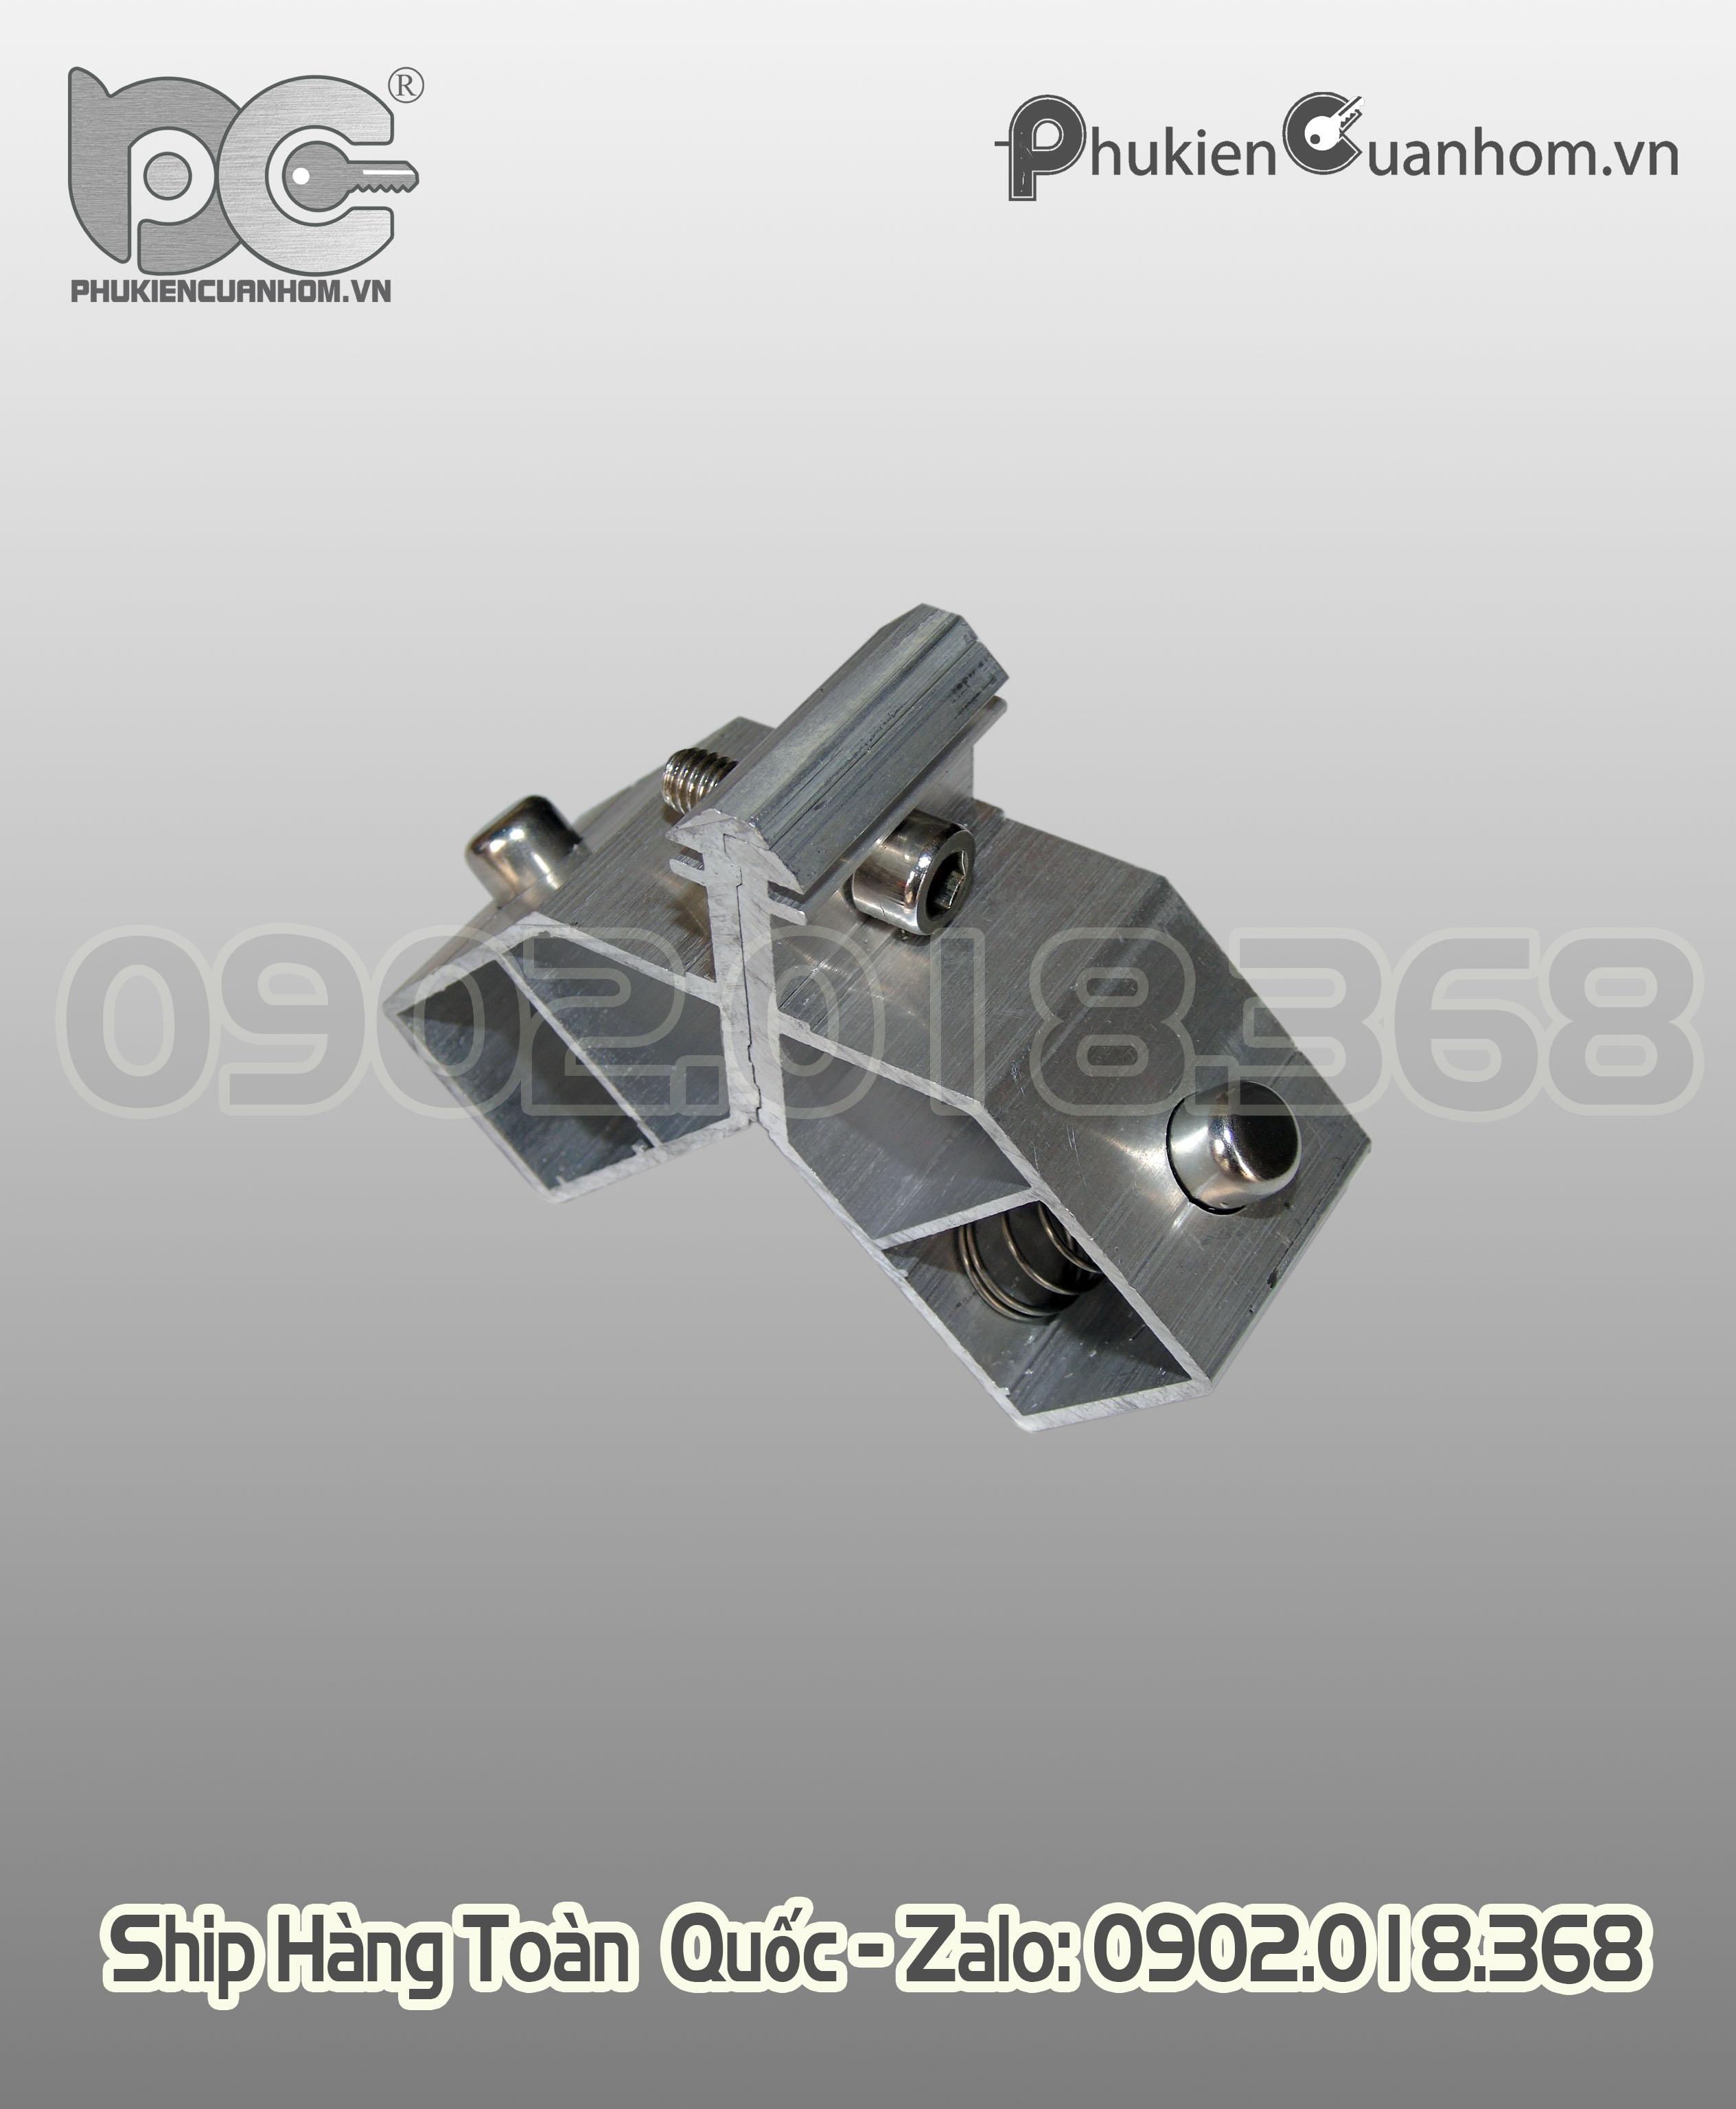 Ke nhảy cánh cửa đi lùa nhôm Xingfa nhập khẩu hệ 55 dày 1,8mm 25x39mm